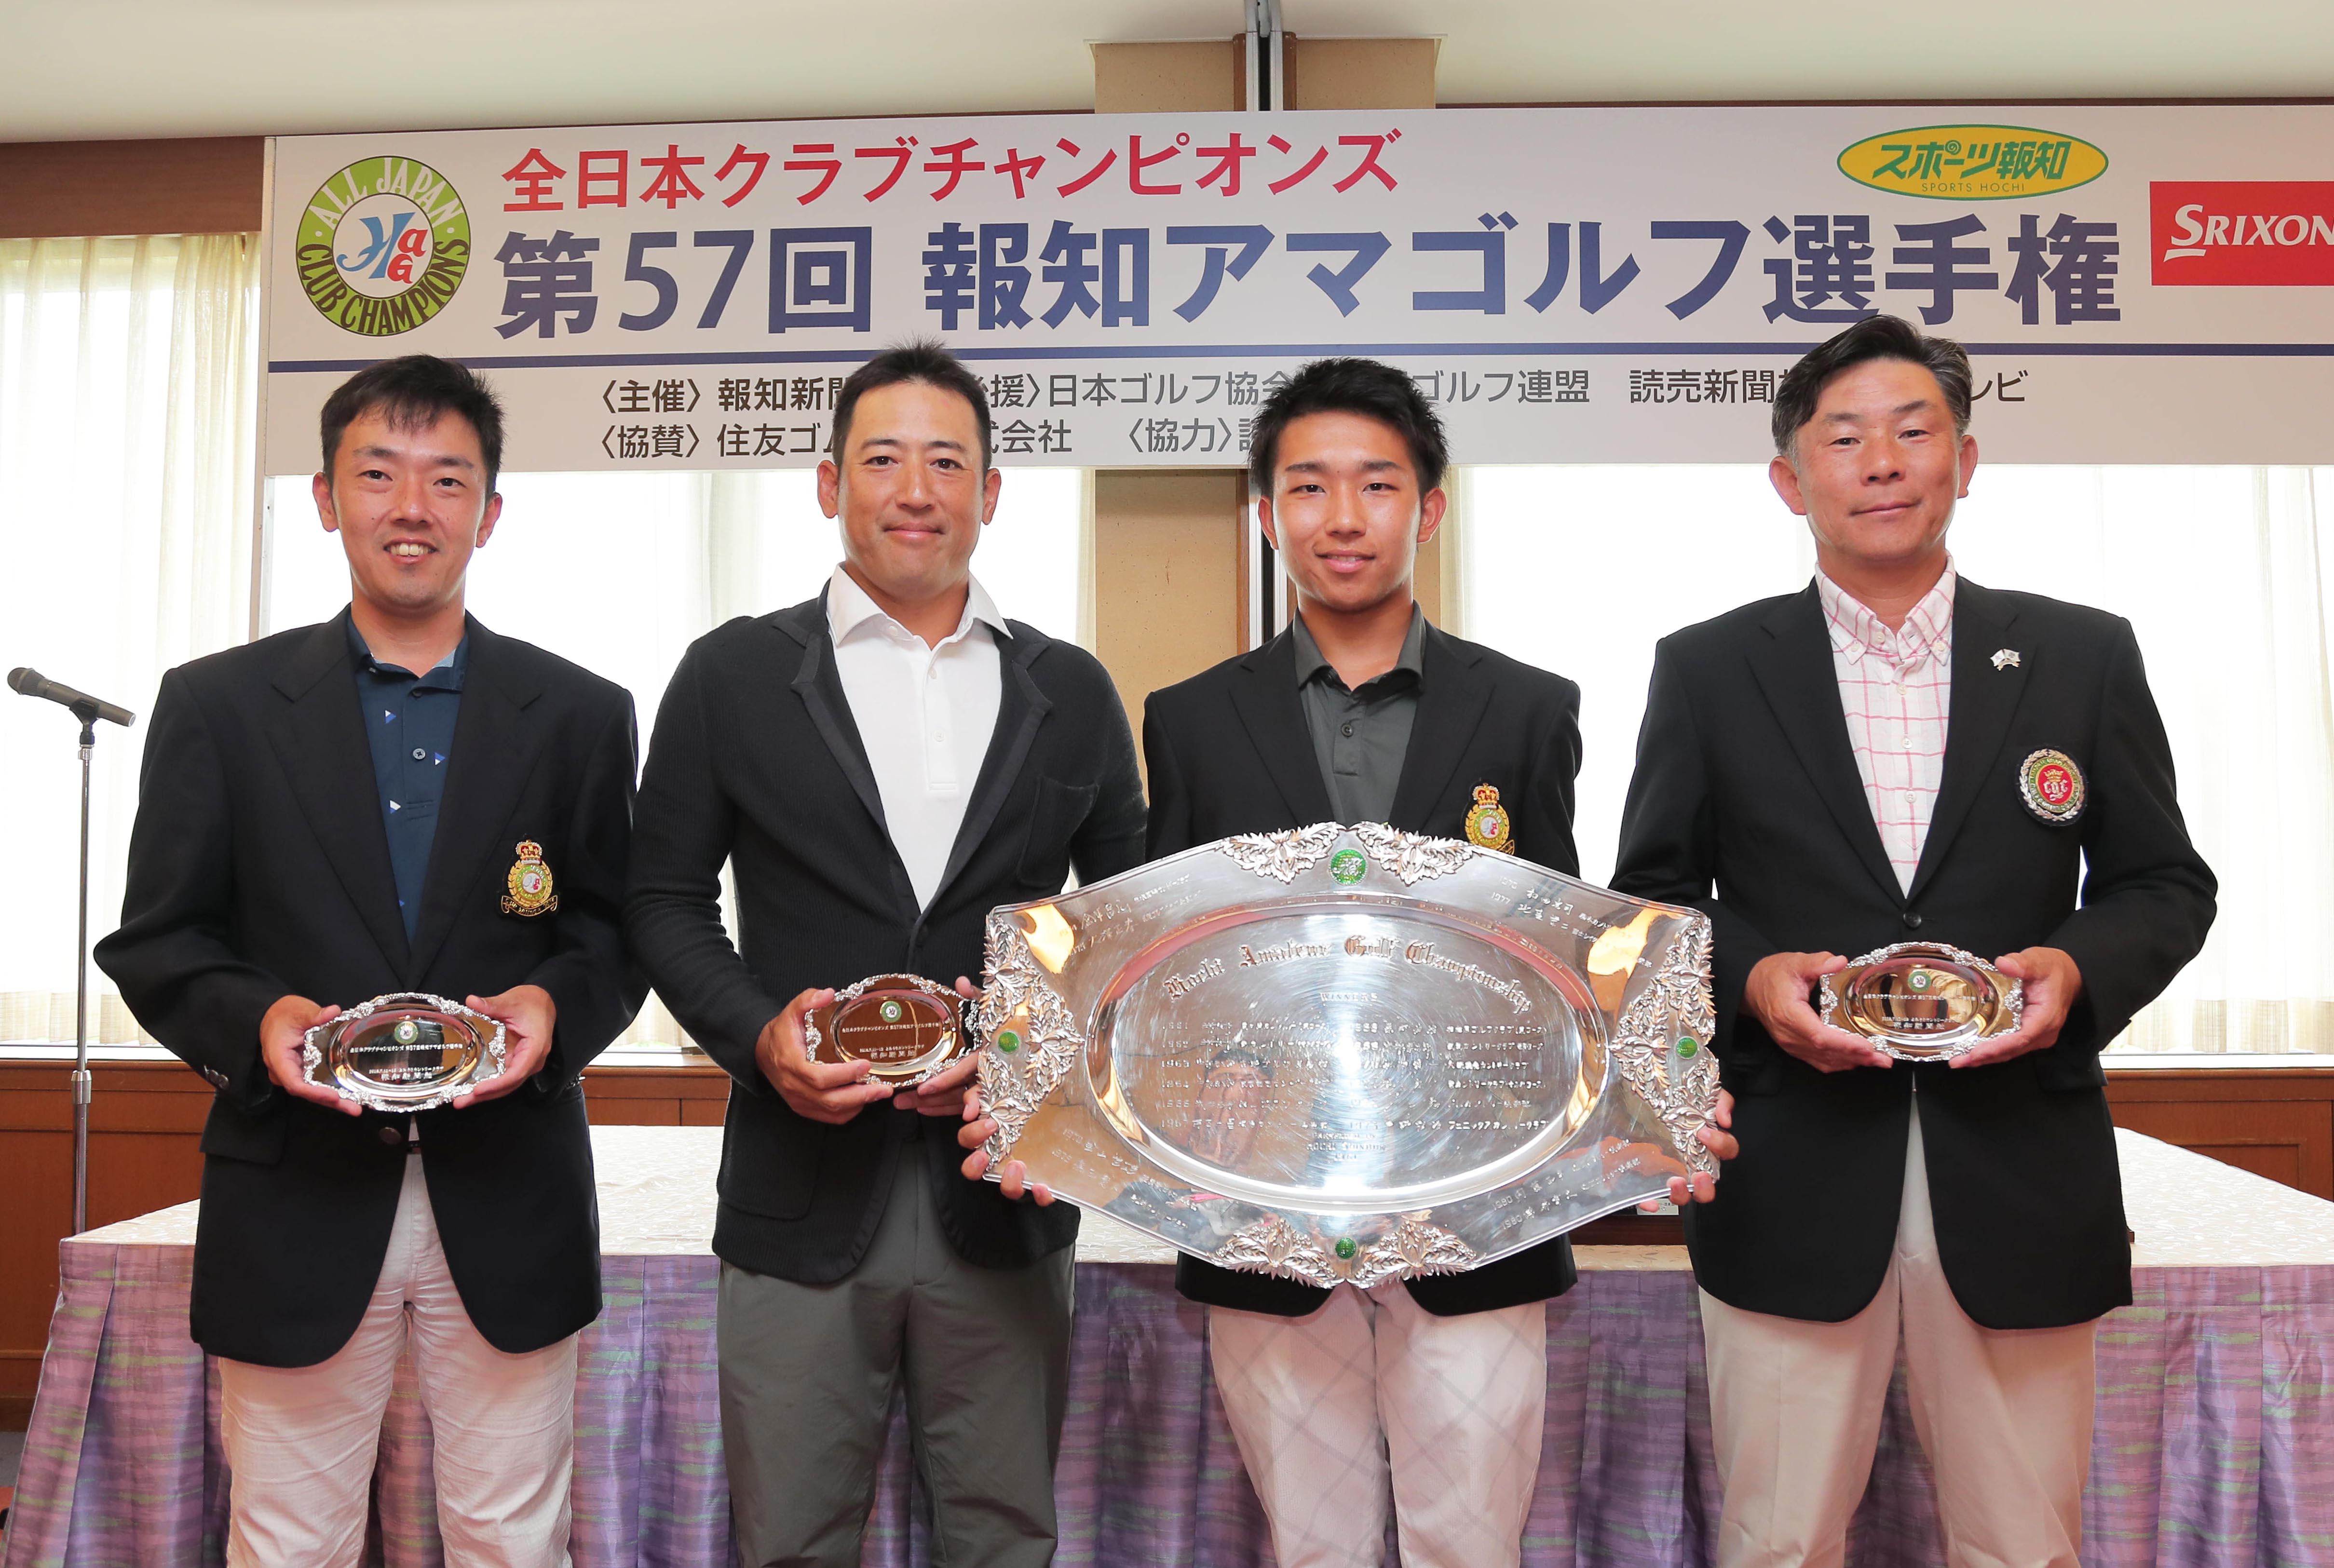 (左から)4位・森中健介、3位・勝田兵吉、優勝・辻涼大郎、2位・松下宗嗣